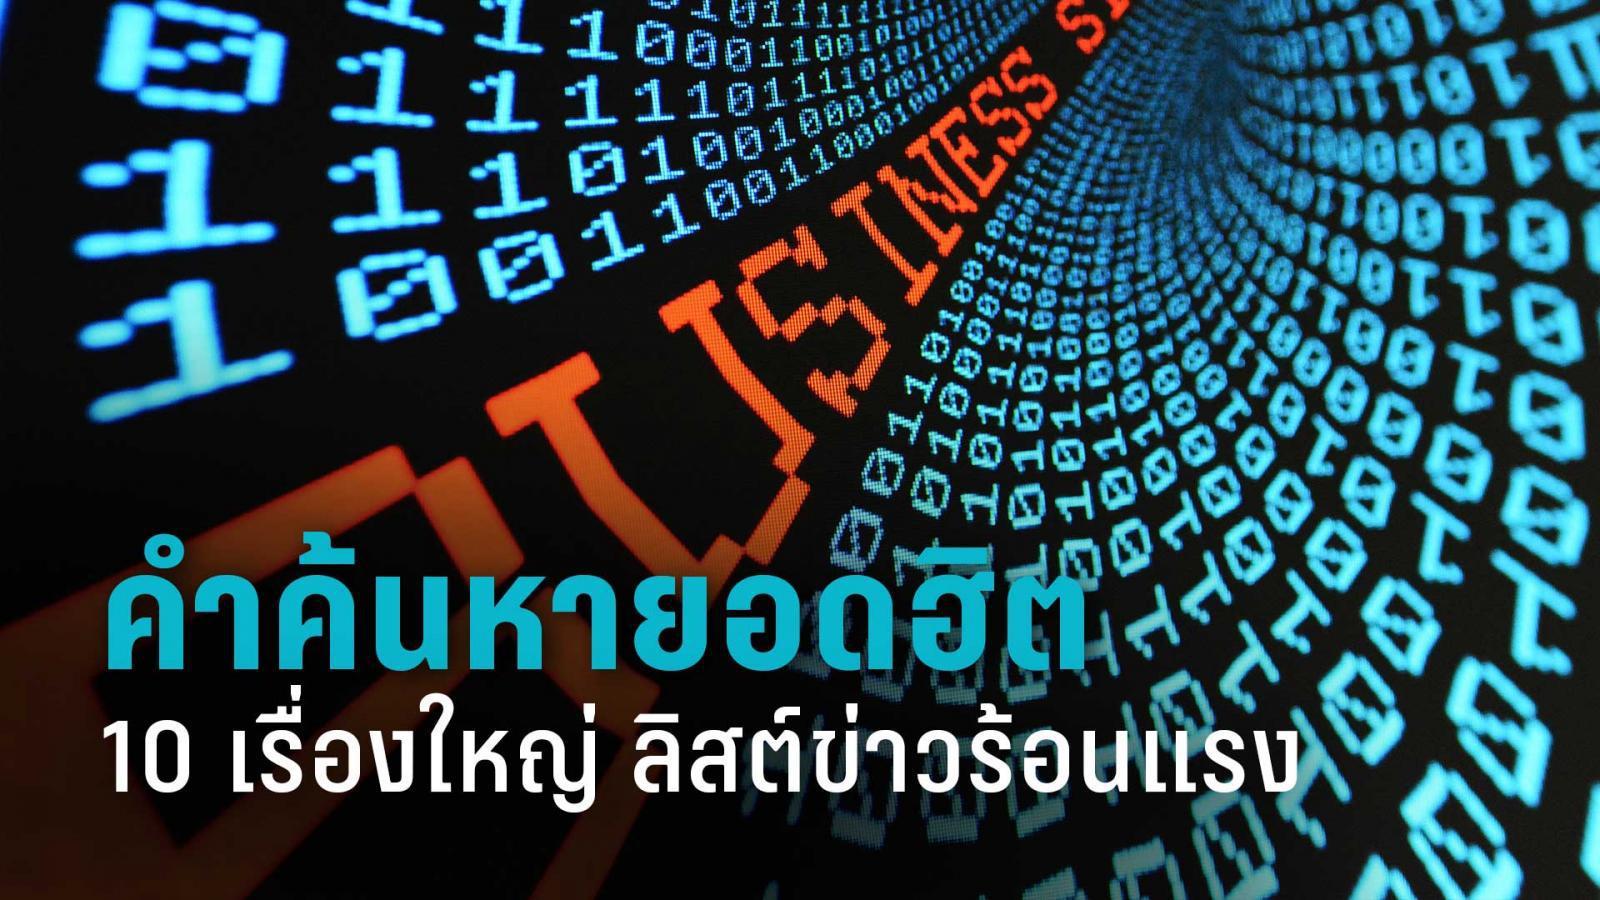 ที่สุดแห่งปี คำค้นหายอดฮิตในกูเกิล 10 เรื่องใหญ่ ที่คนไทยโฟกัส  'เราไม่ทิ้งกัน' มาแรง เปิดลิสต์ข่าวร้อน